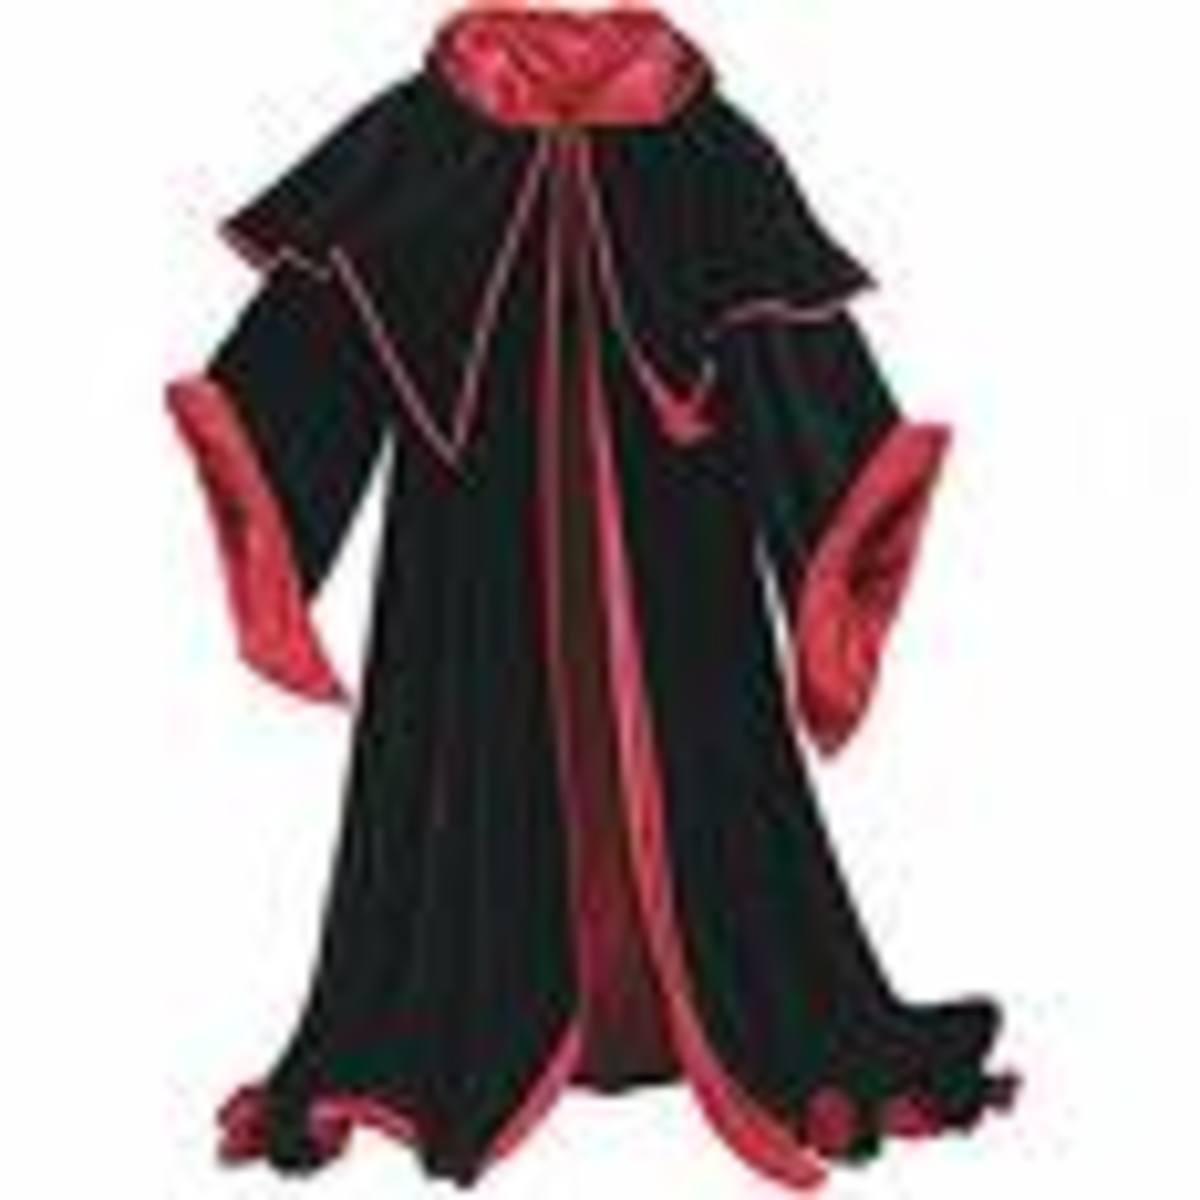 A sorcerer's cloak - courtesy of musicxspot.com